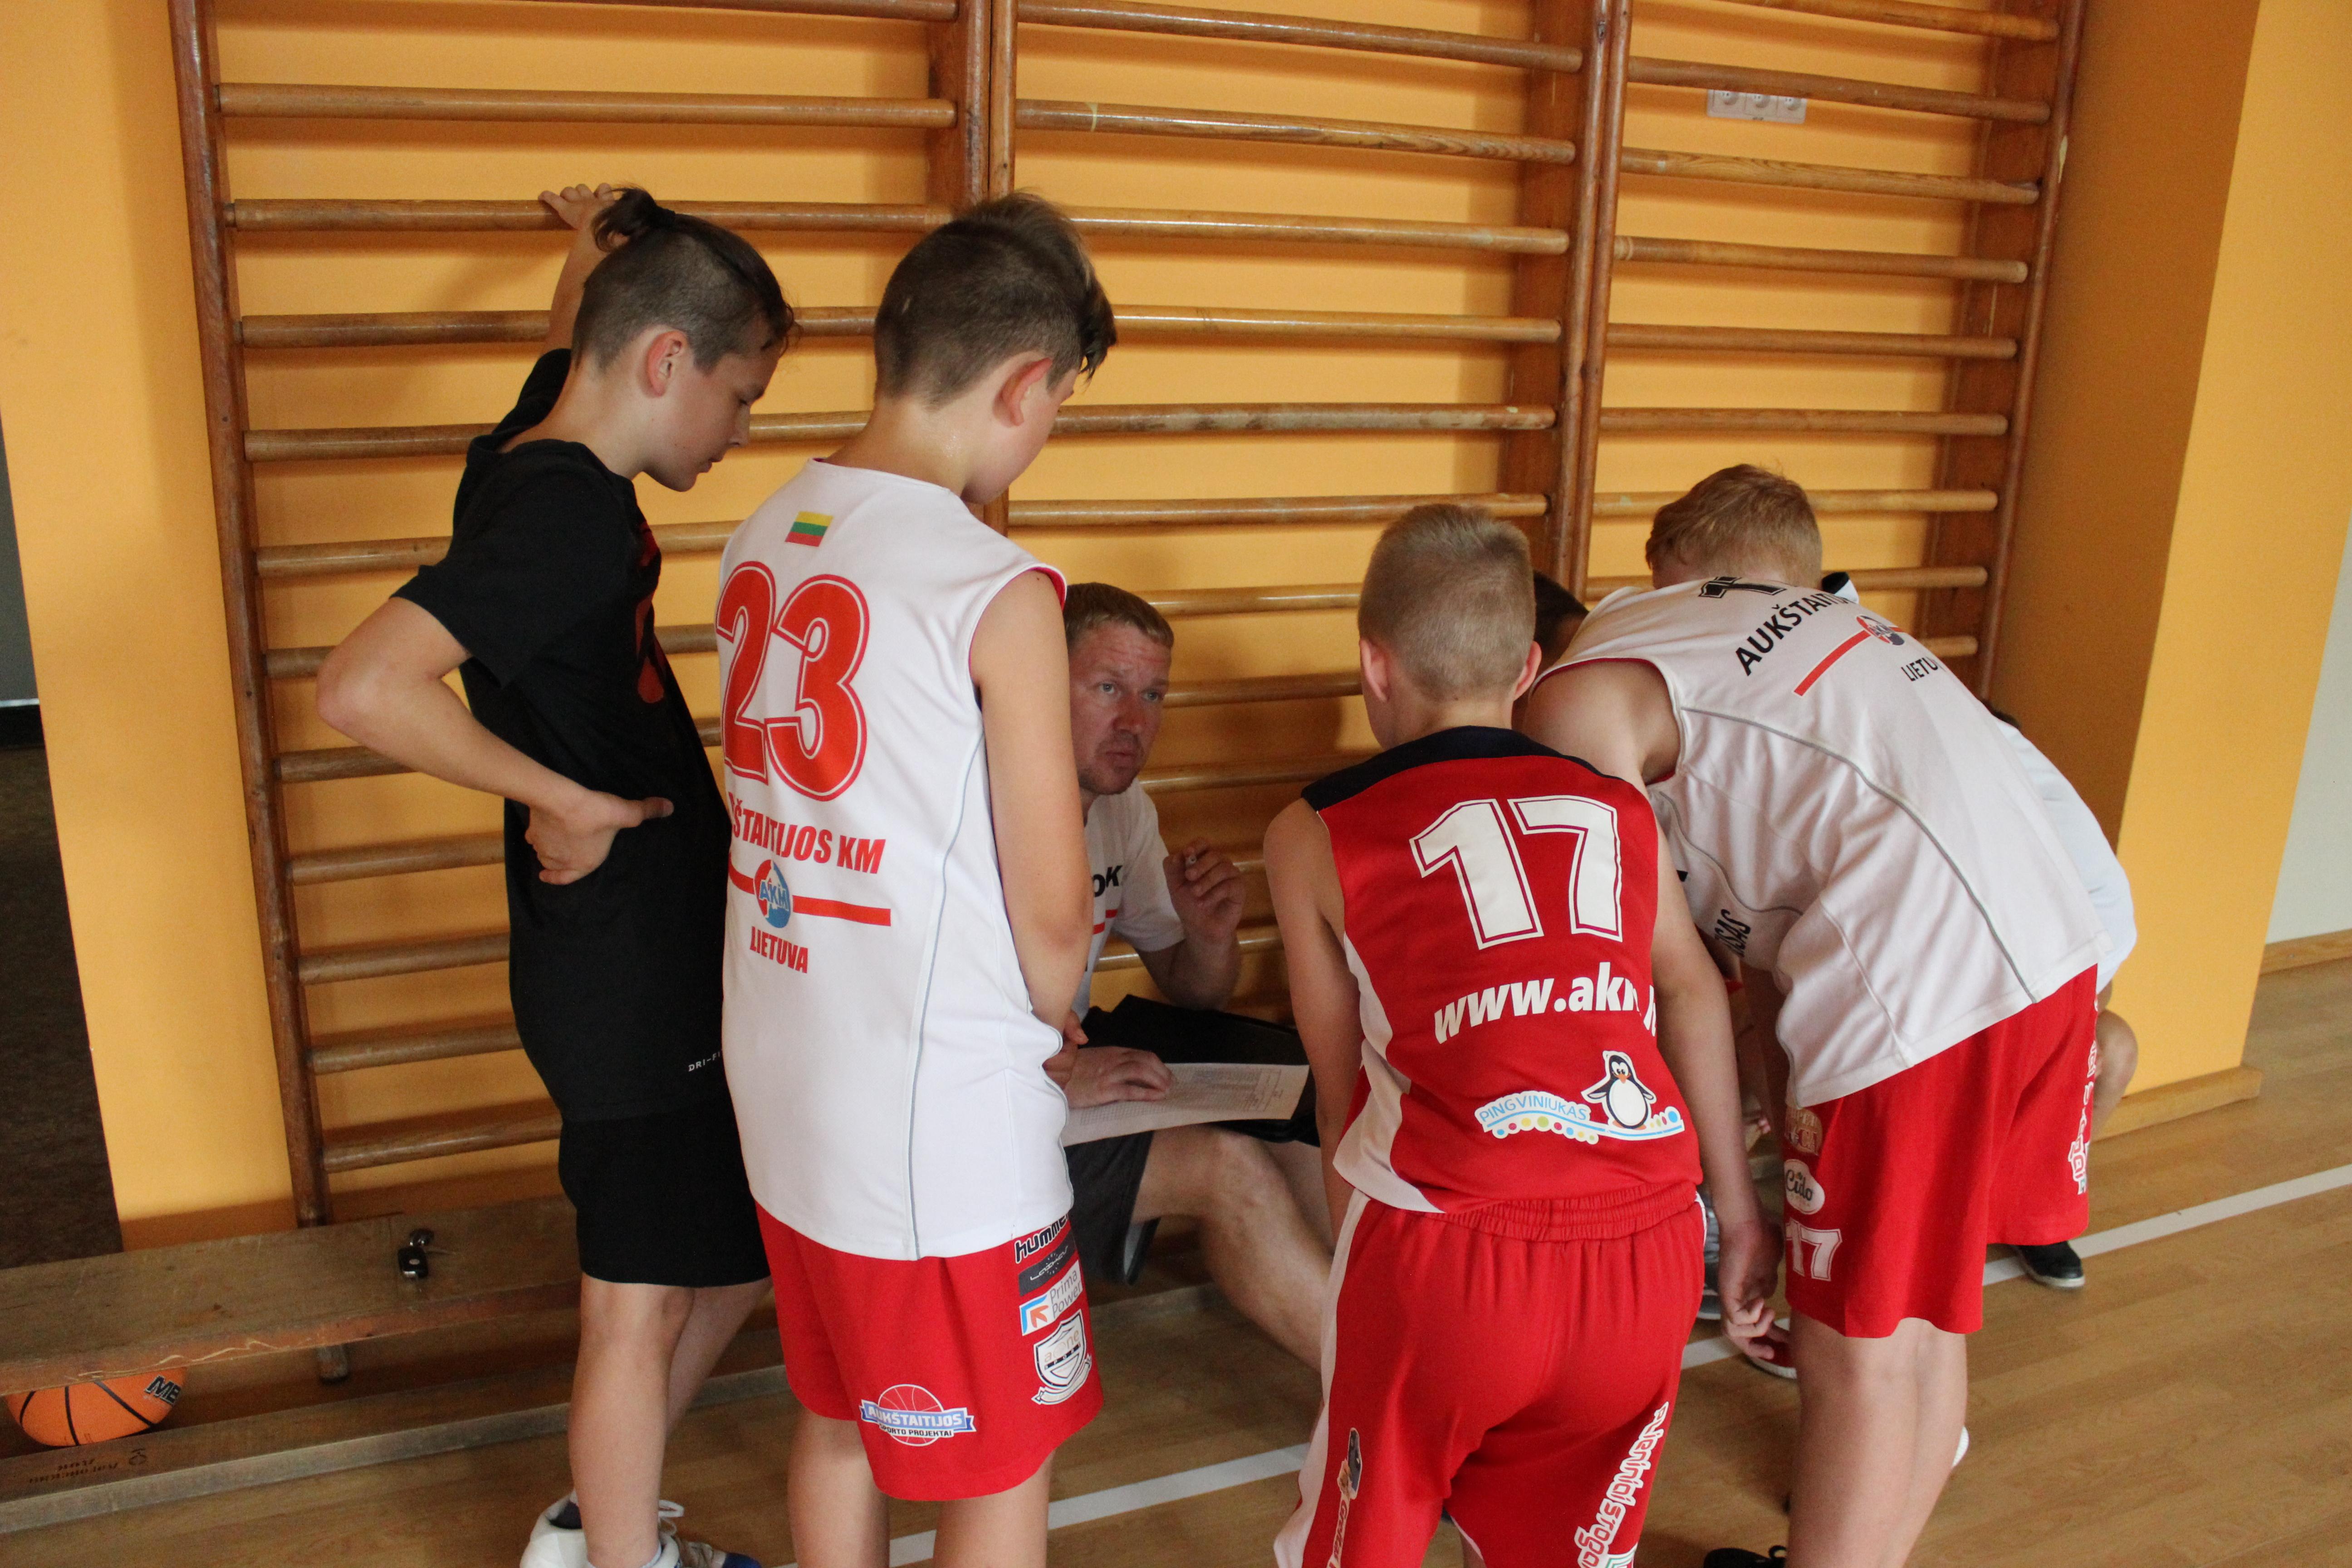 Antradienį įvyko draugiškos mūsų jaunųjų krepšininkų rungtynės